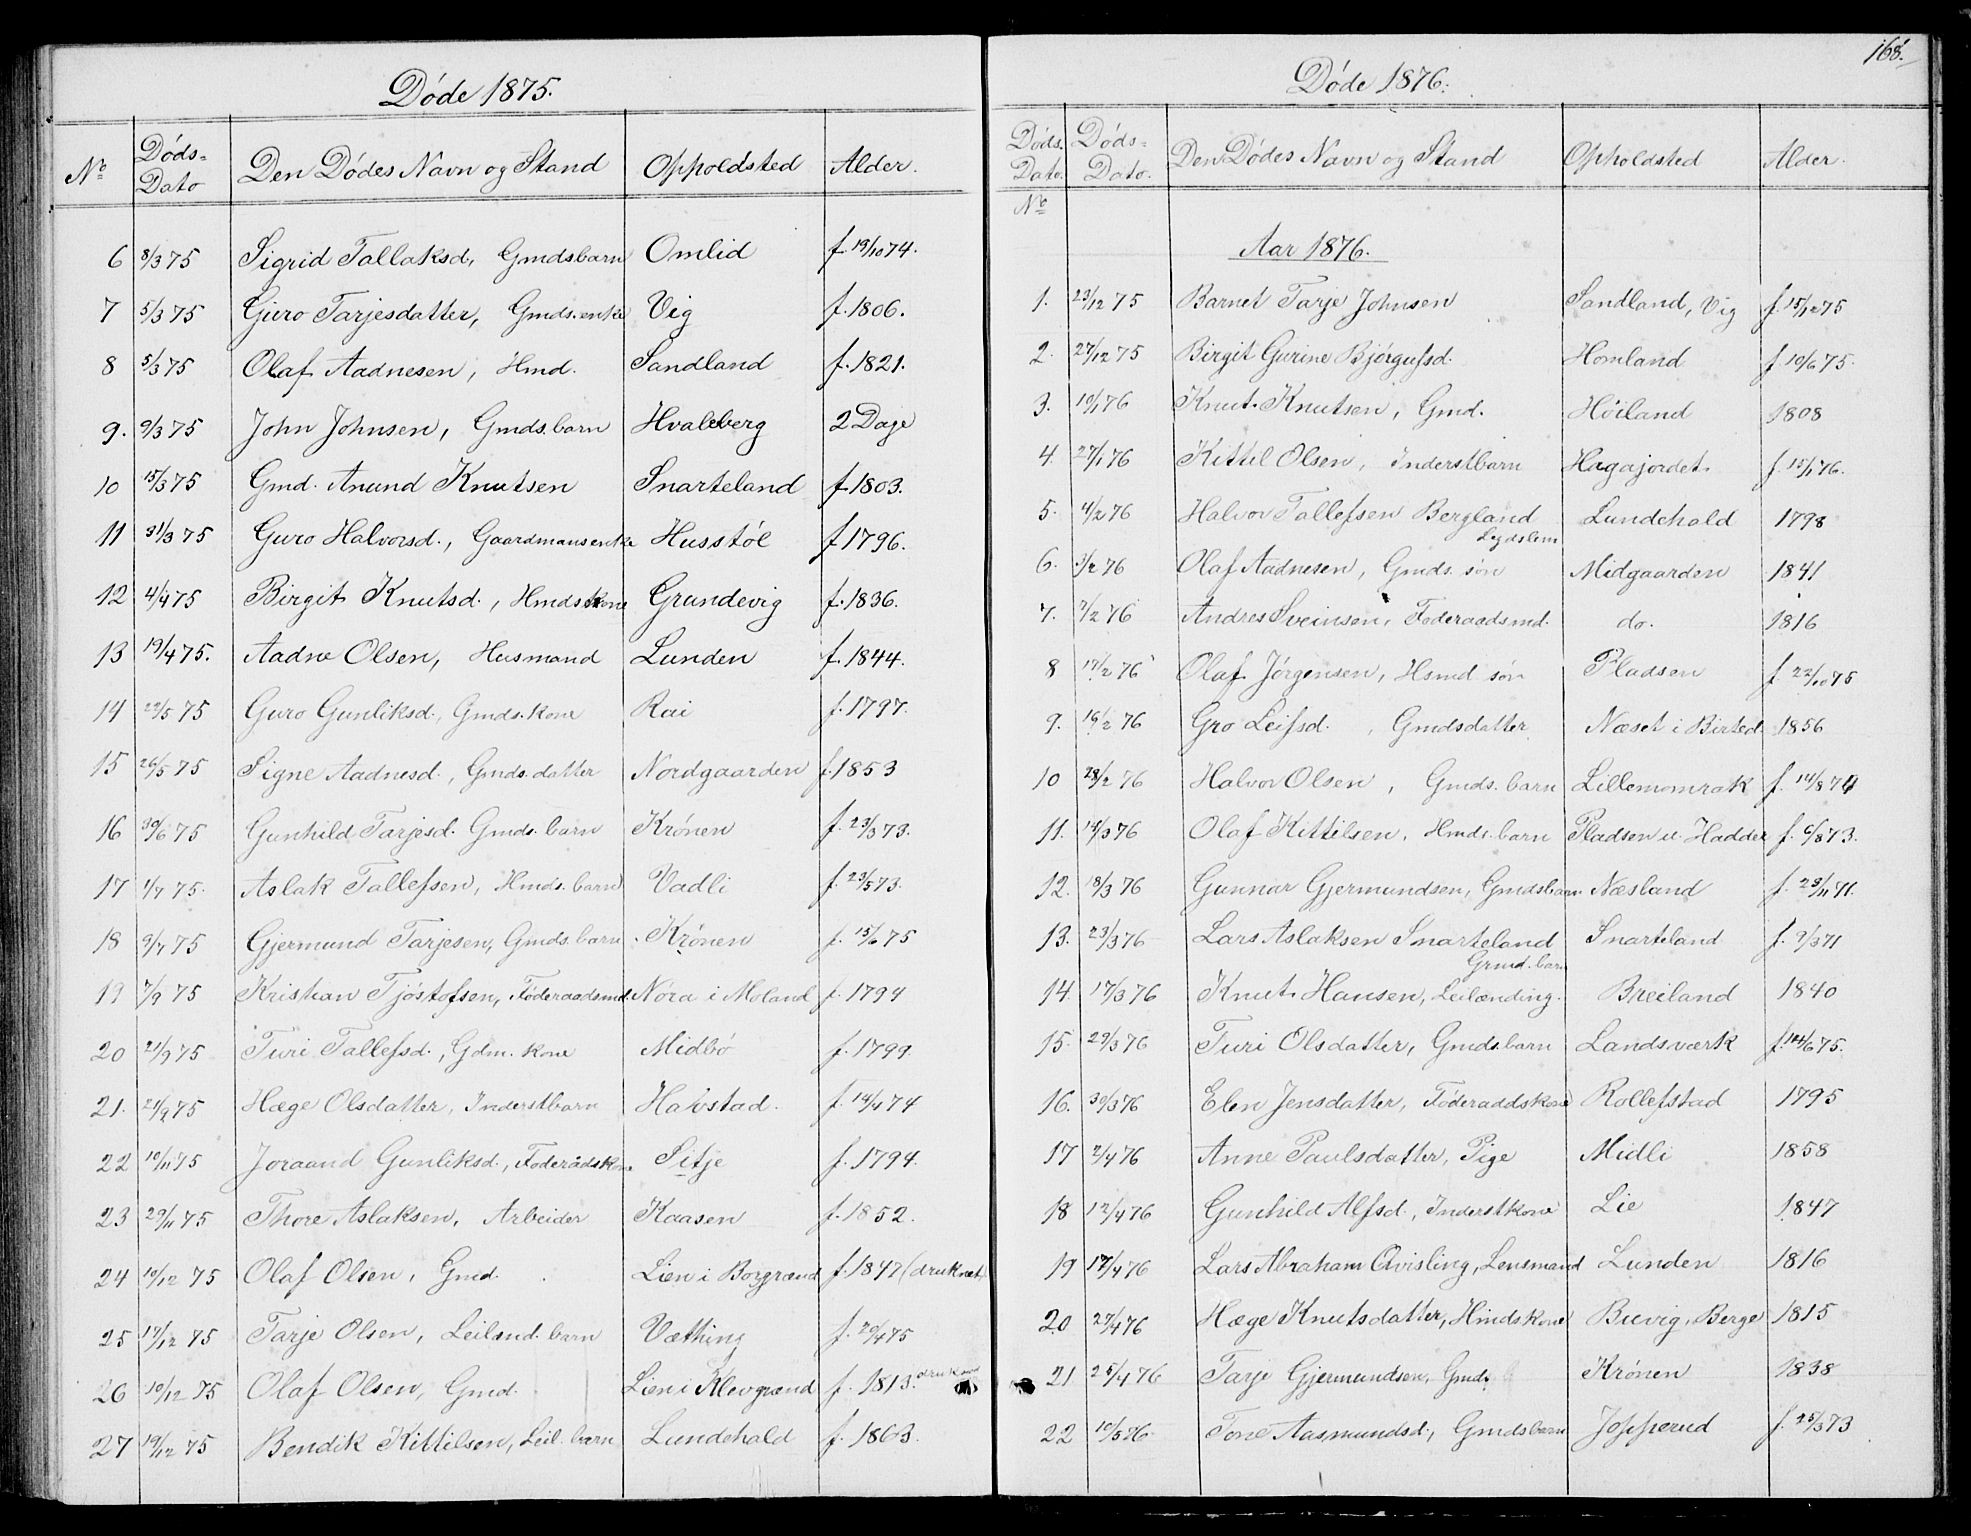 SAKO, Fyresdal kirkebøker, G/Ga/L0004: Klokkerbok nr. I 4, 1864-1892, s. 168